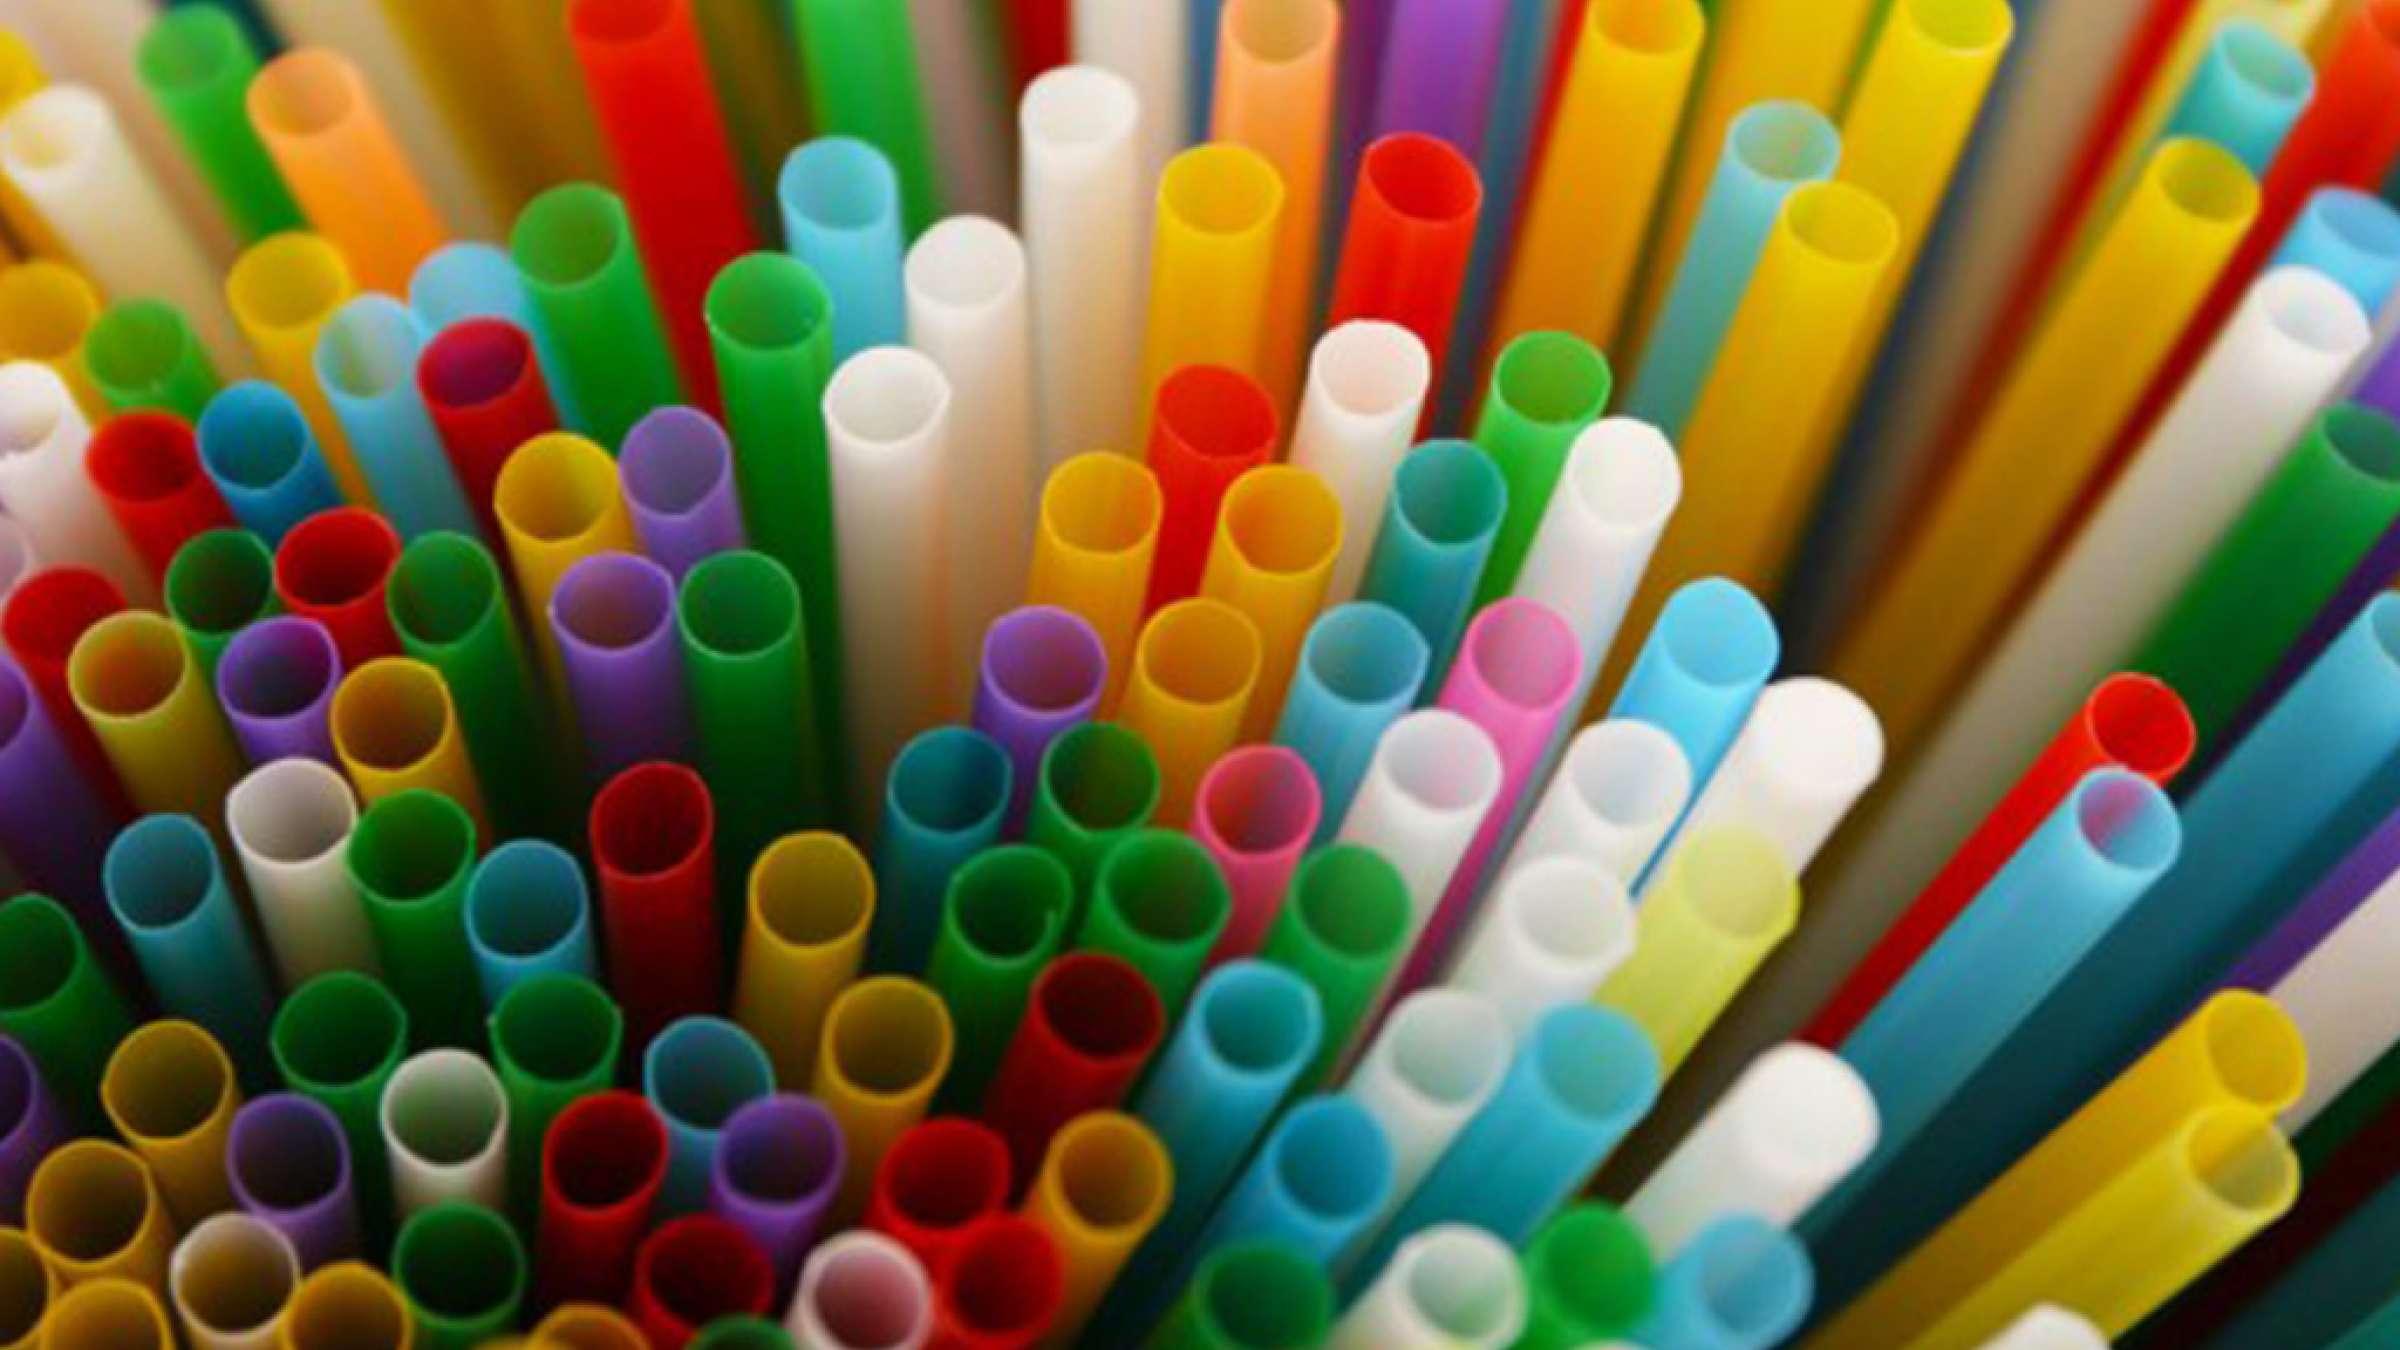 دولت-کانادا-پلاستیکهای-یکبار-مصرف-را-قدغن-میکند-کانادا-اخبار